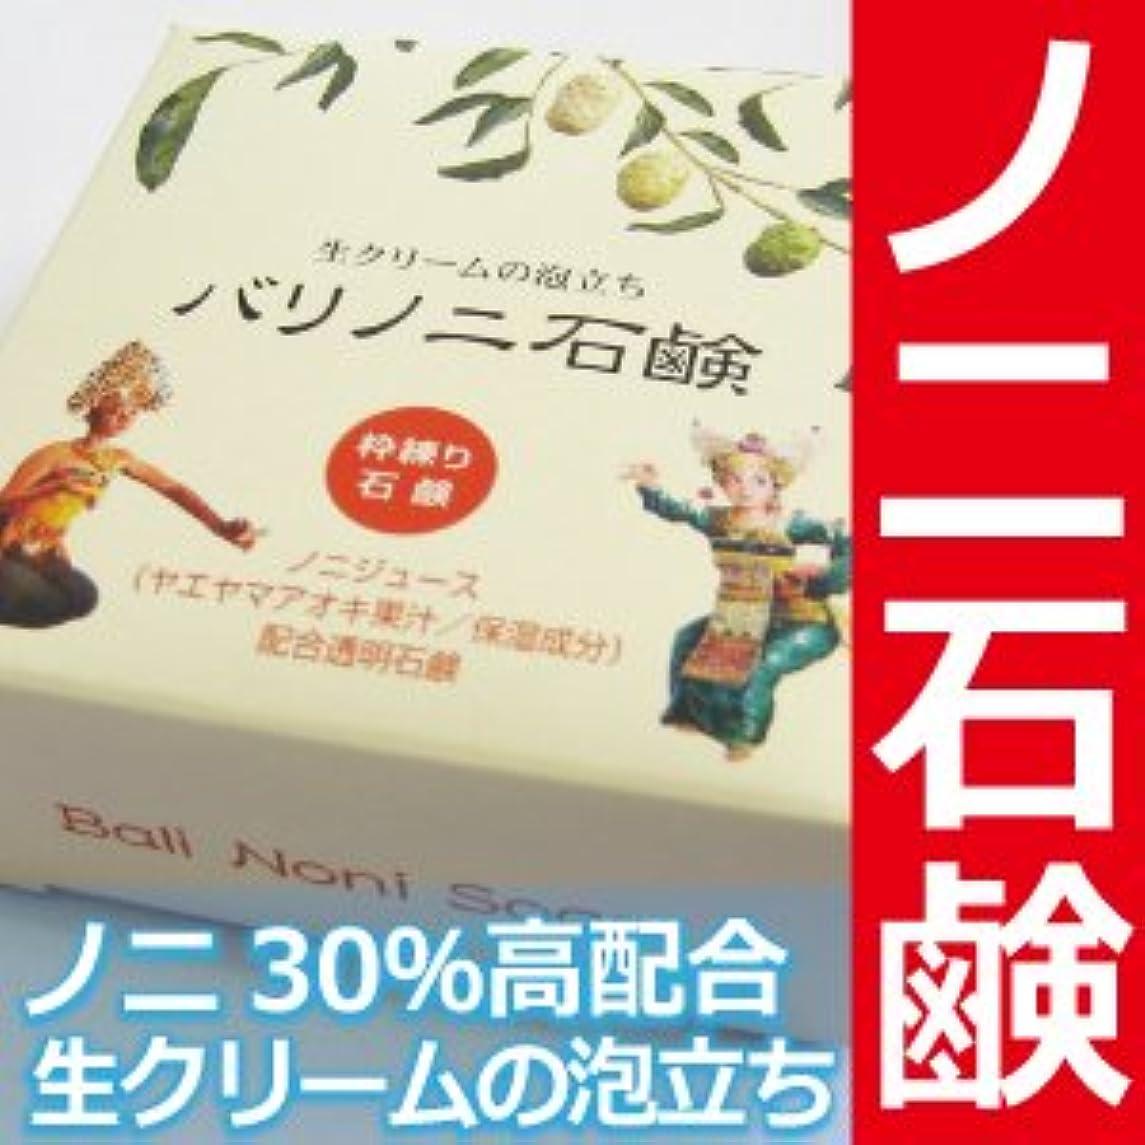 優先権ターミナル太平洋諸島ノニ30%の高配合枠練り石鹸 もっちり生クリームの泡立ち バリノニ石鹸(枠練り) 90g